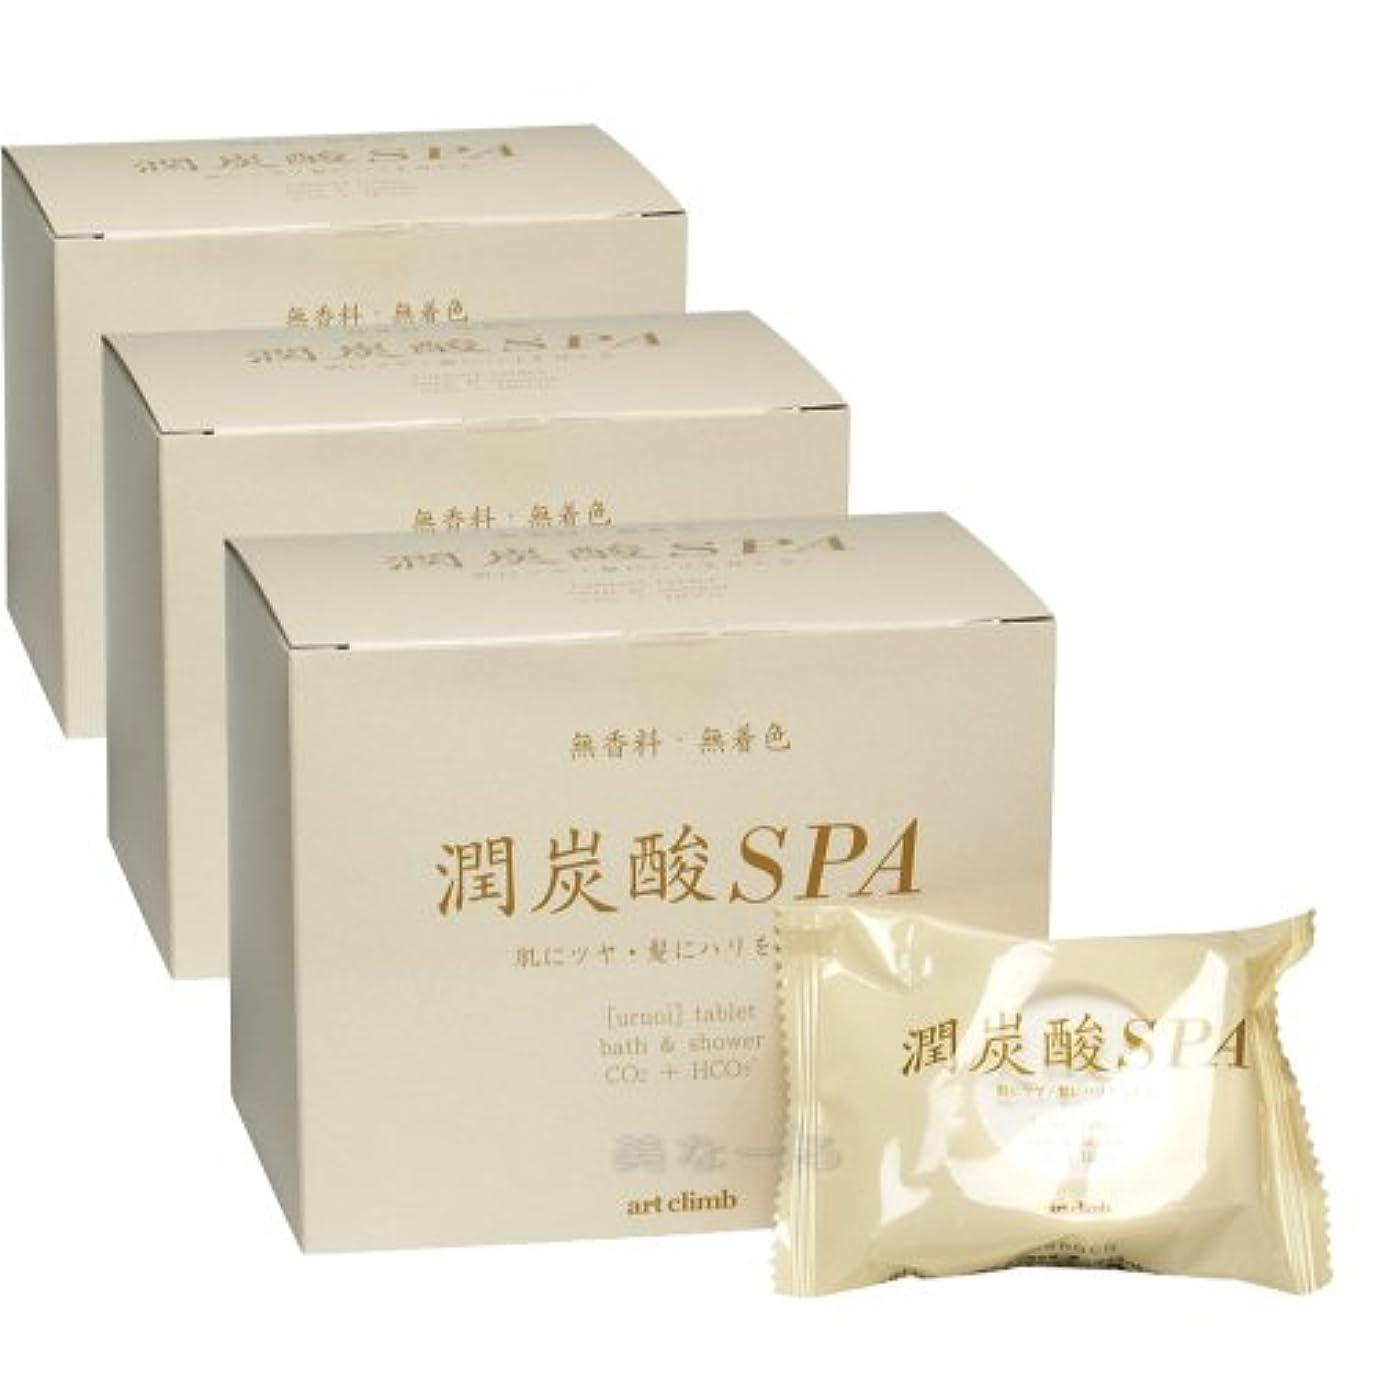 バスト試す教潤炭酸SPA(うるおい炭酸SPA) 60g×10錠入 3個セット